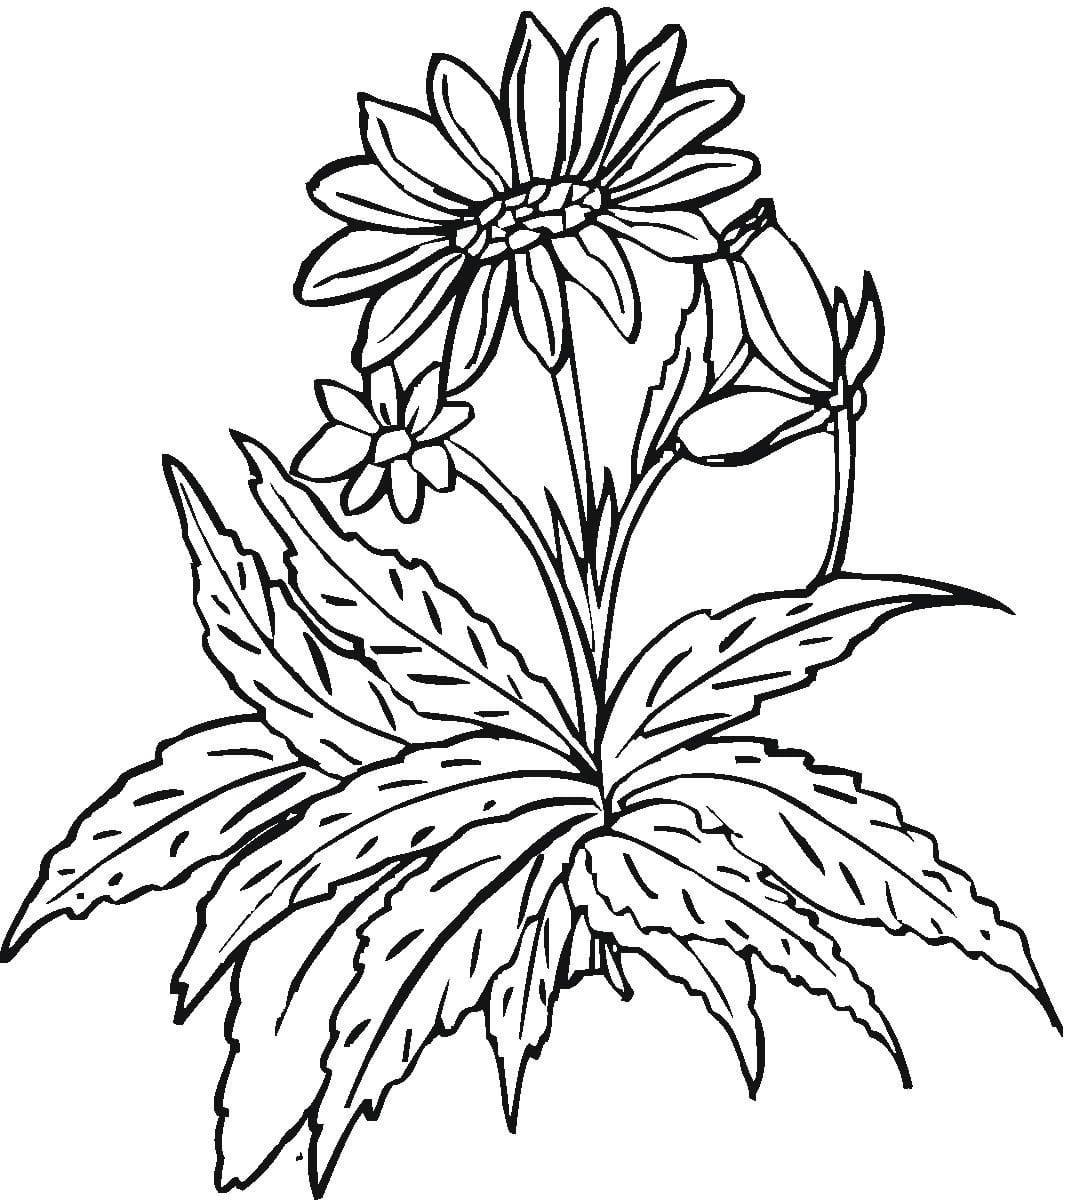 Encontre Aqui Os Mais Lindos Desenhos De Flores Para Imprimir E